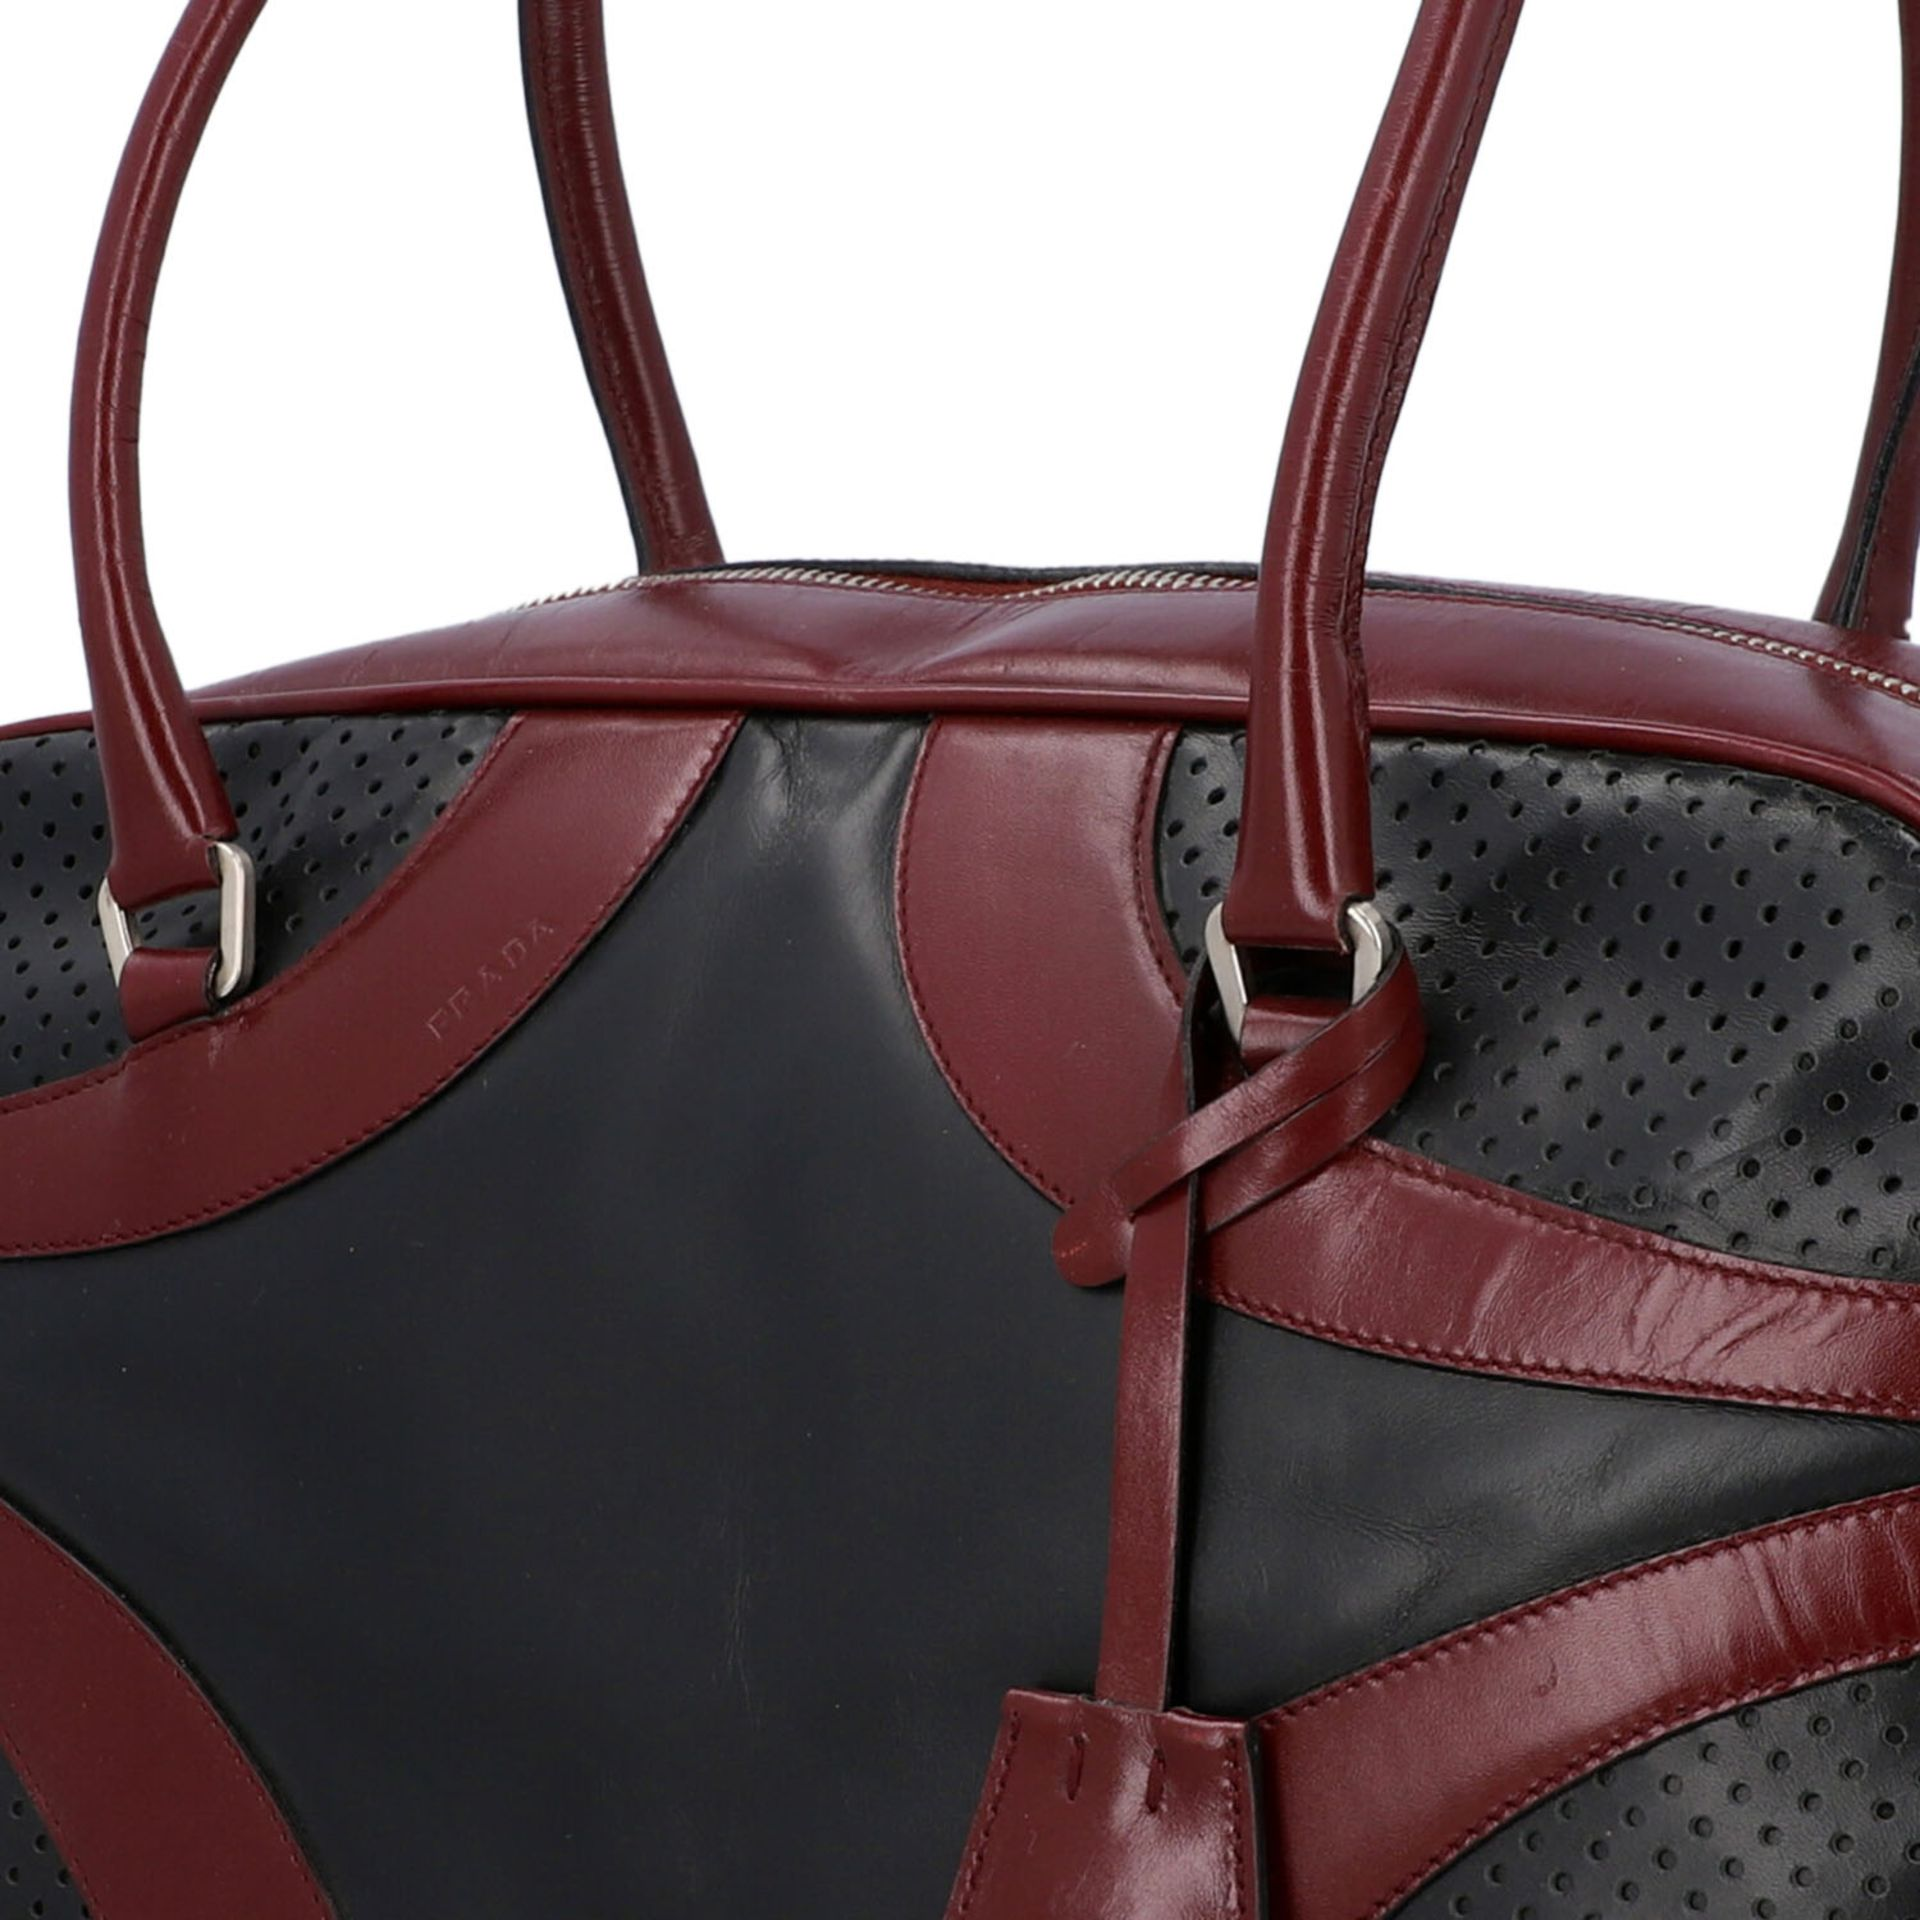 PRADA Handtasche. Glattleder in Schwarz und Bordeaux mit silberfarbener Hardware, umla - Image 7 of 8